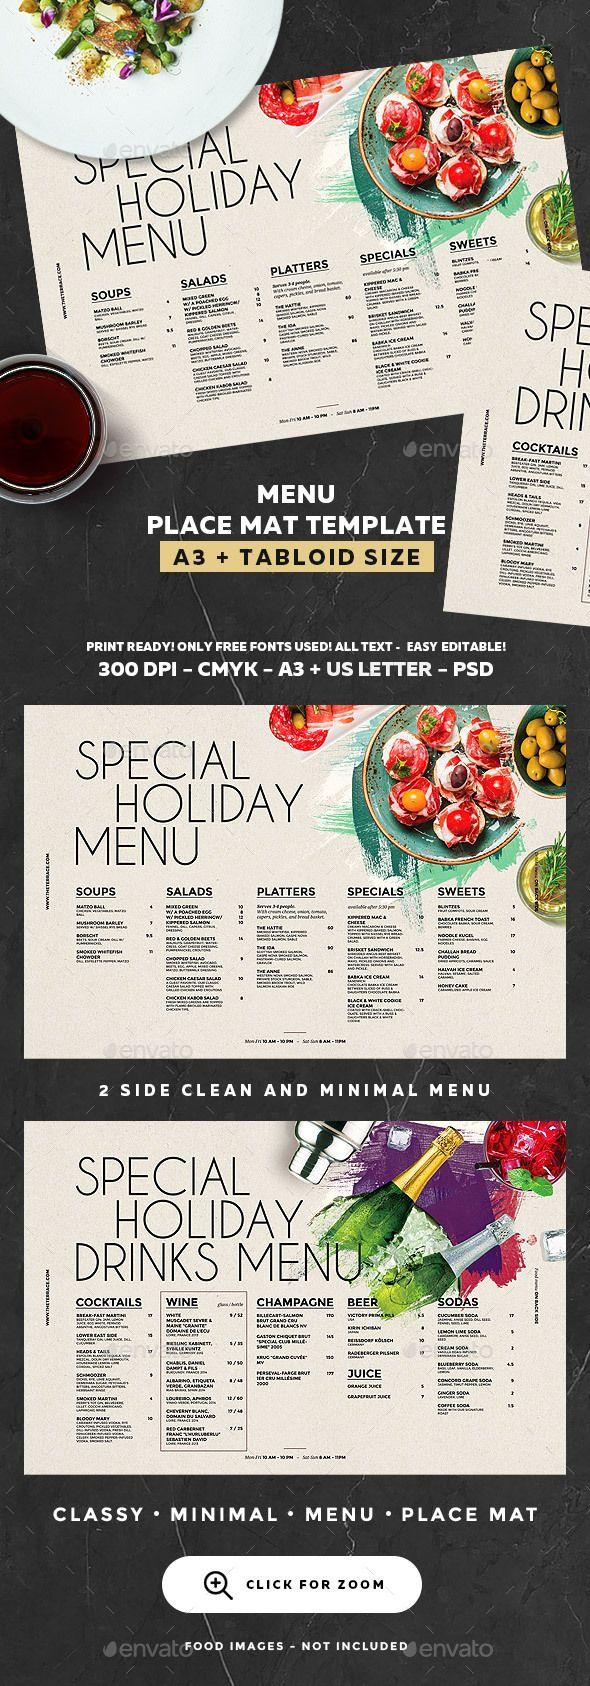 Menu Template - Food Menus Print Templates Download here : https://graphicriver.net/item/menu-template/19244975?s_rank=89&ref=Al-fatih